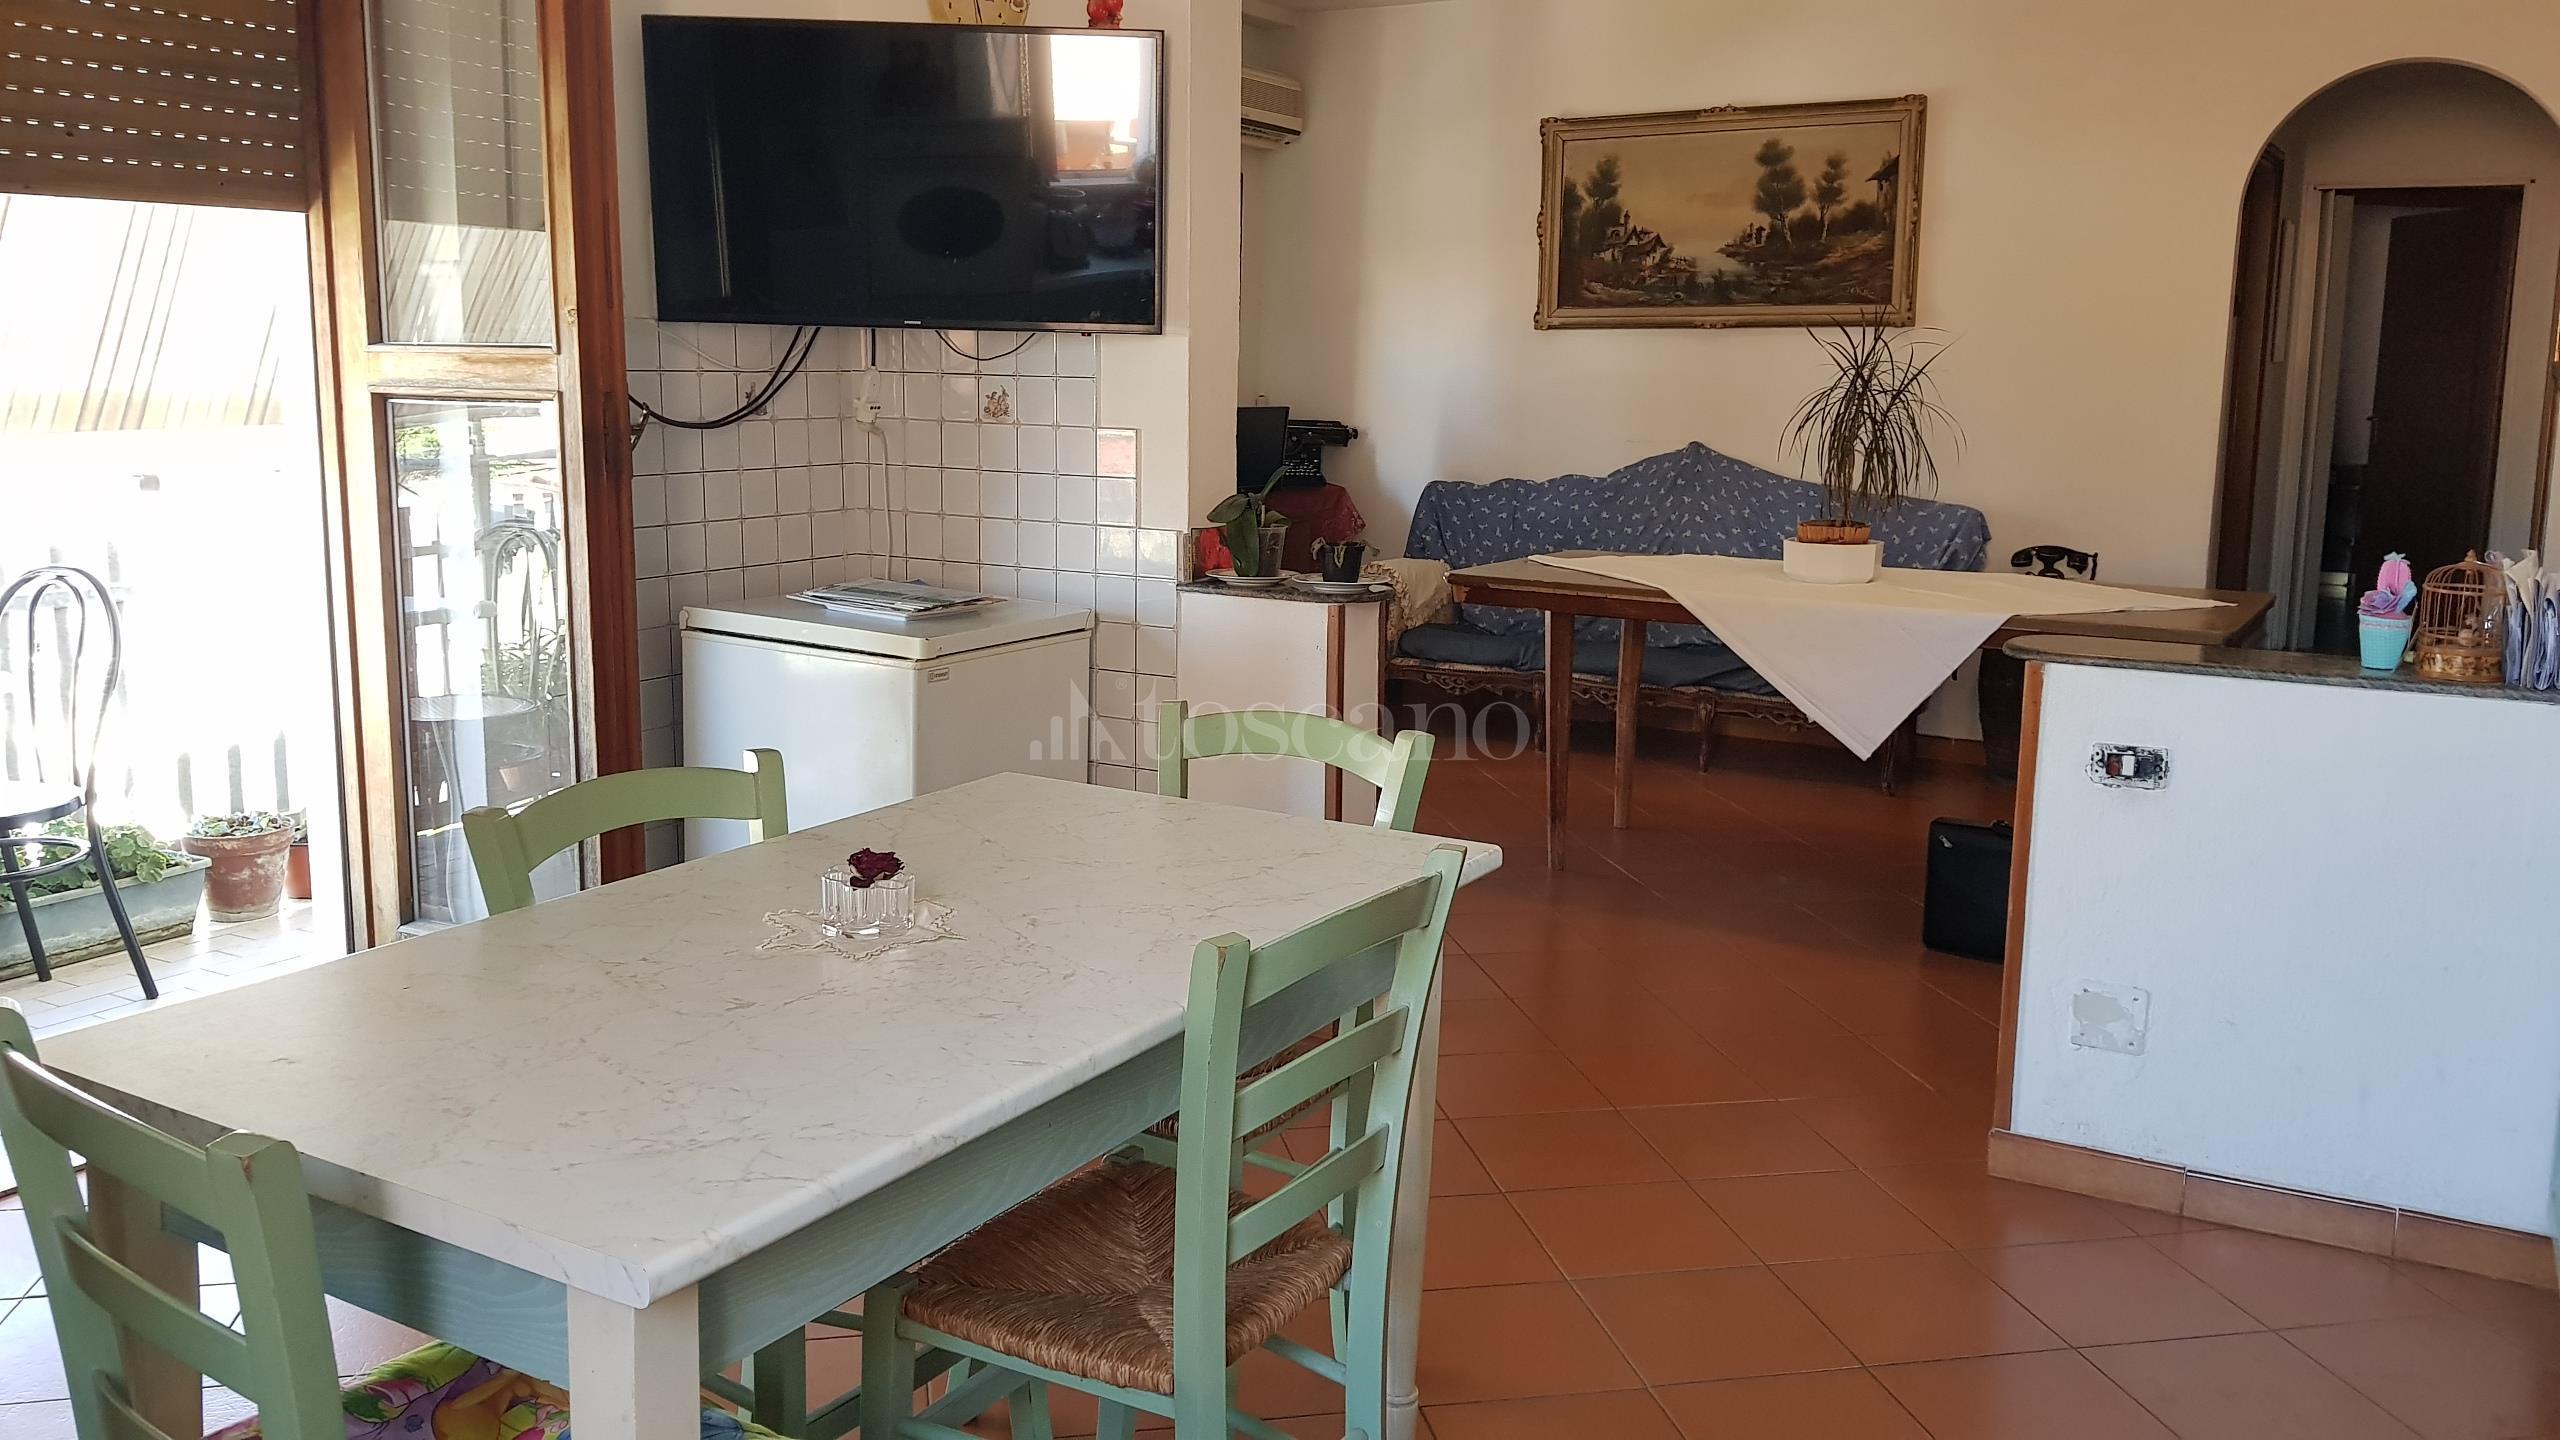 Vendita Casa A Roma In Via Torremuzza Ostia Antica Centro 45 2020 Toscano